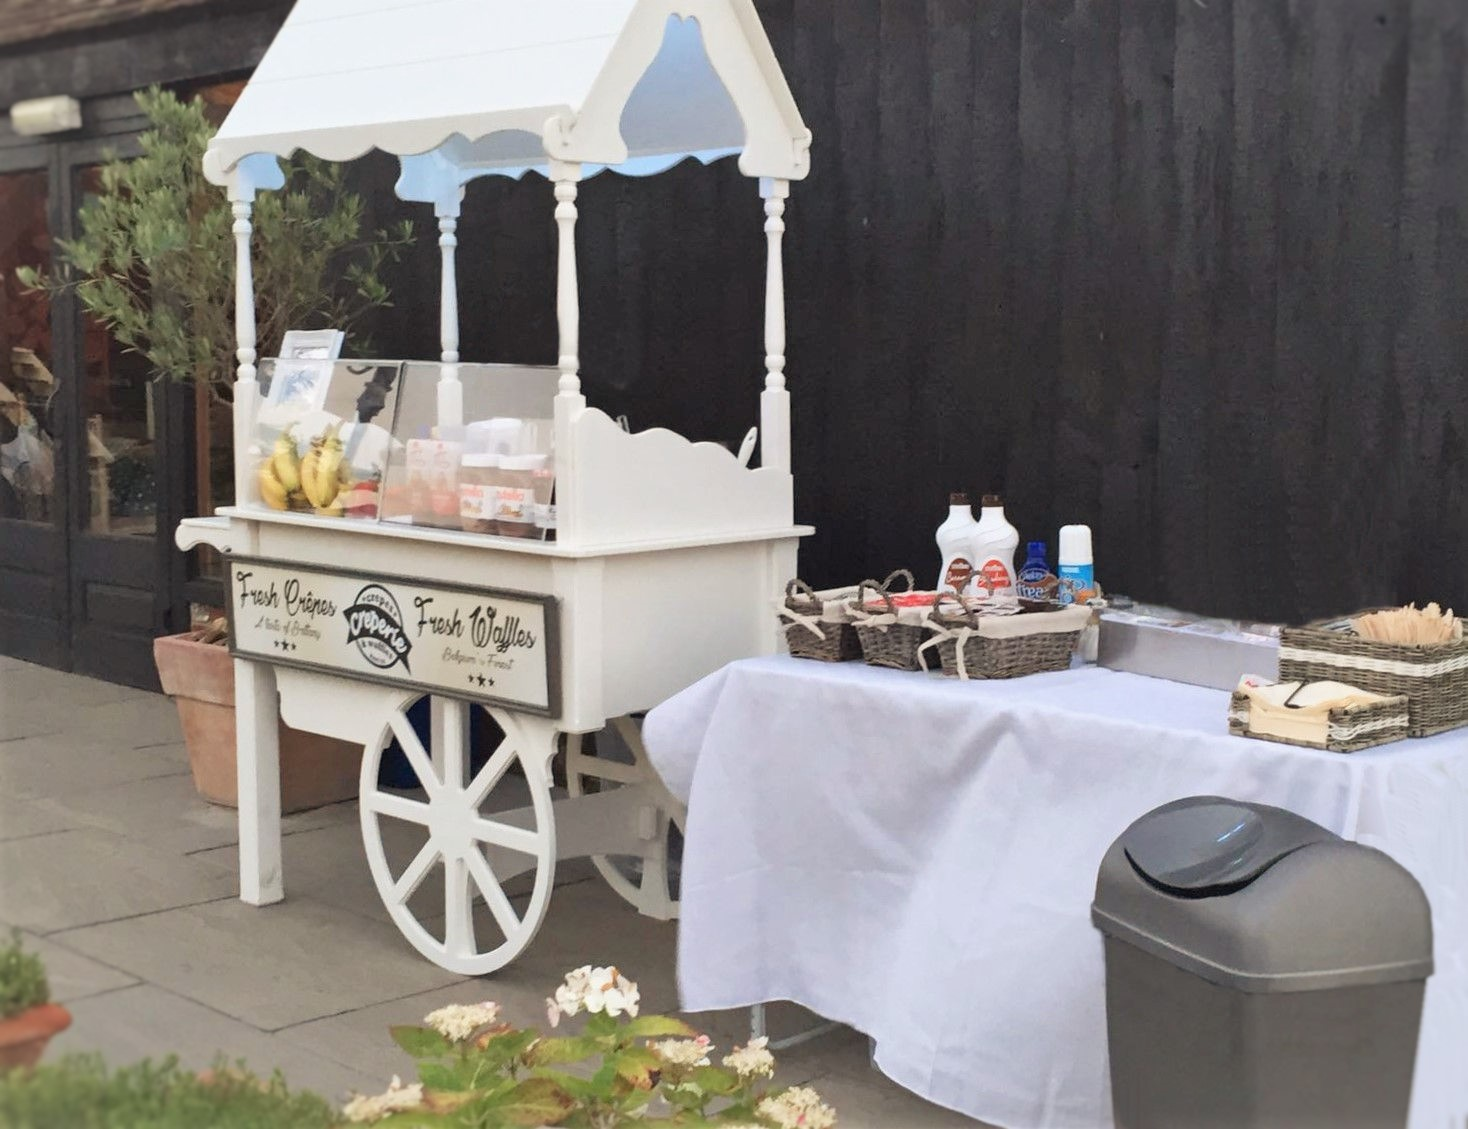 Unique event catering